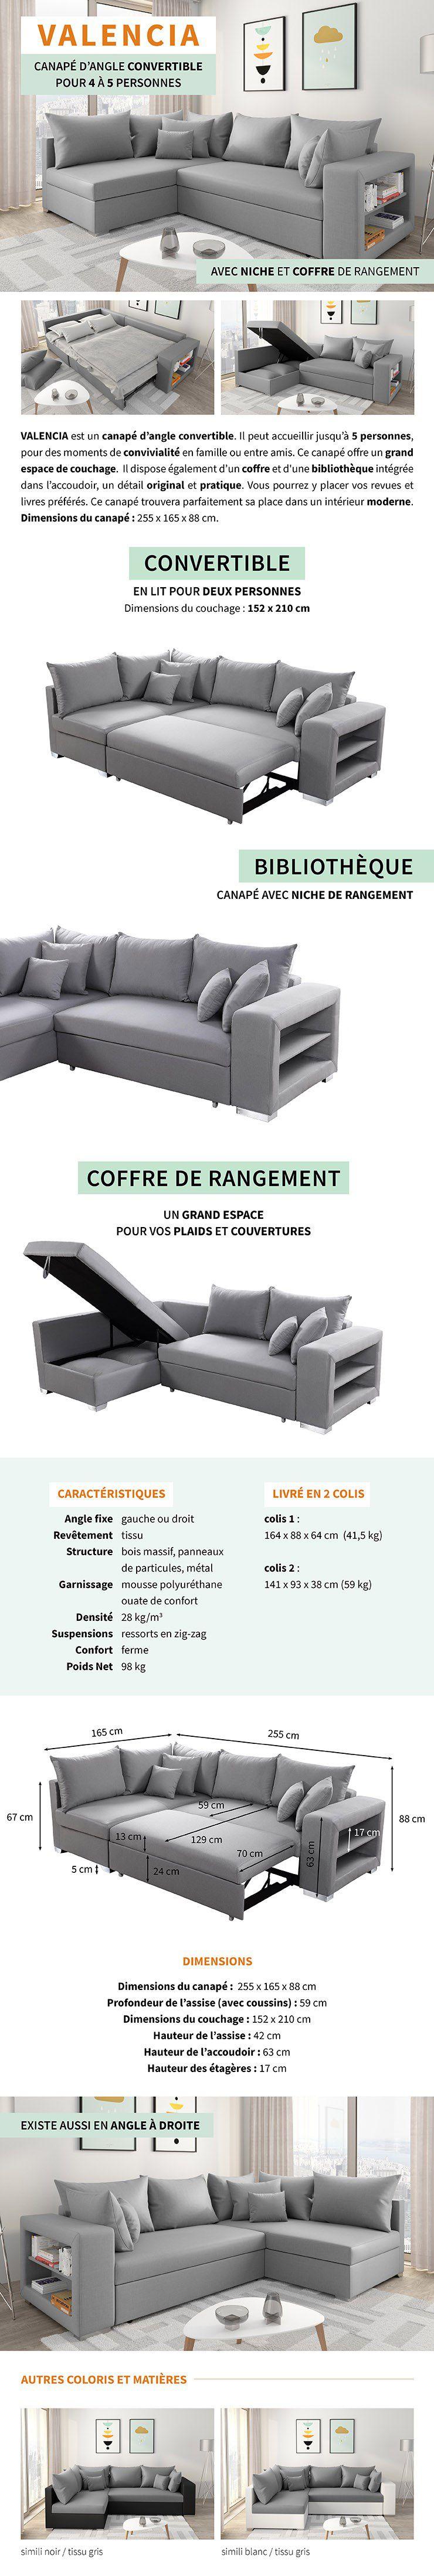 VALENCIA Canapé d'angle gauche convertible 5 places - Tissu gris - Contemporain - L 255 x P 165 cm